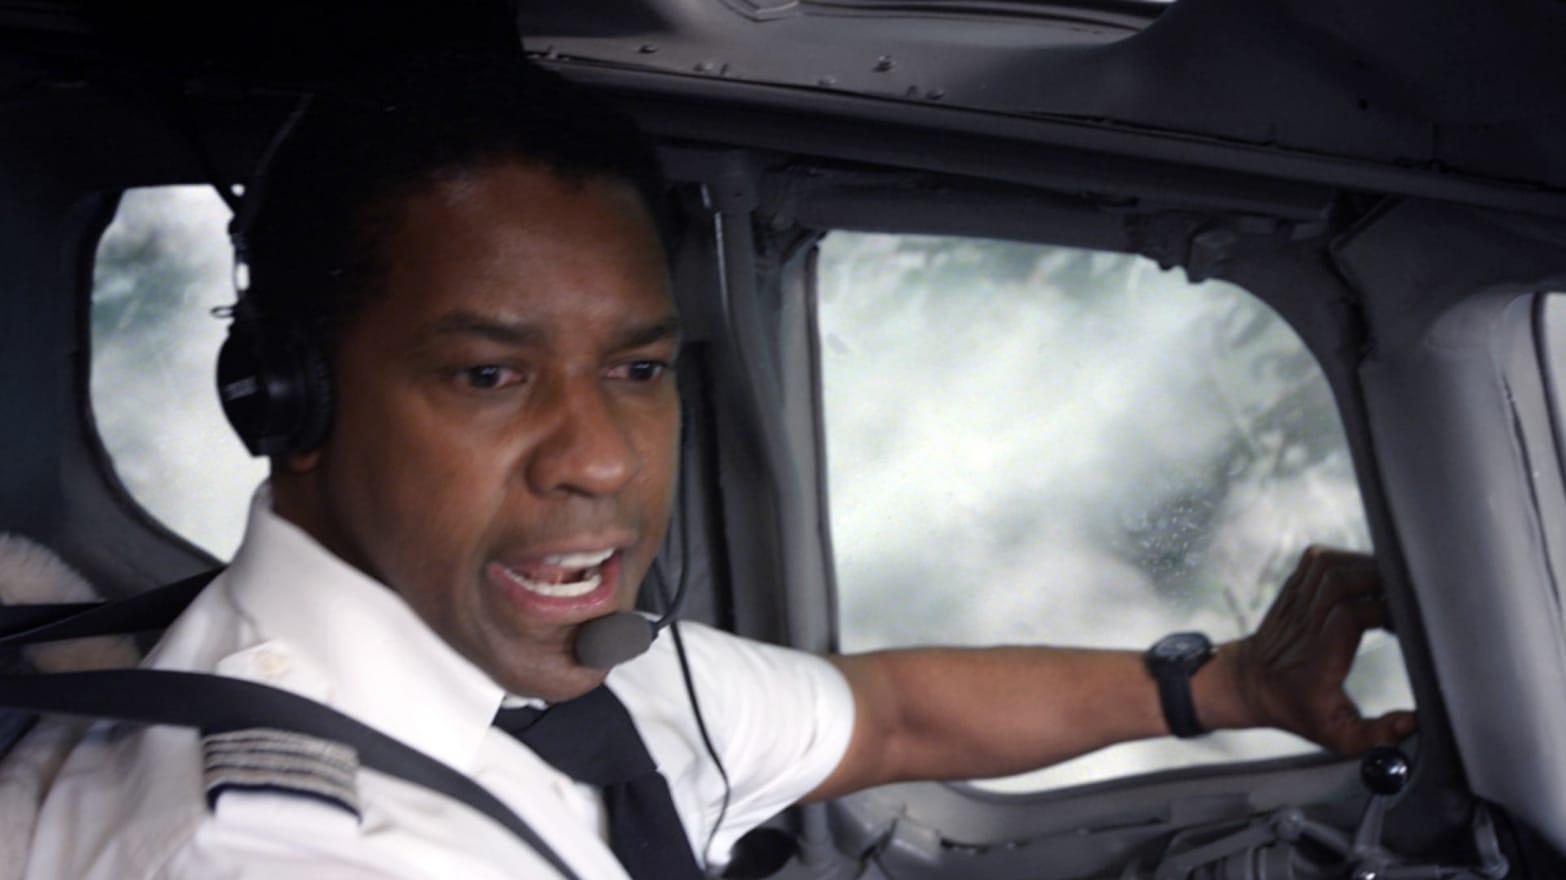 Real Pilots Laugh At 'Flight'